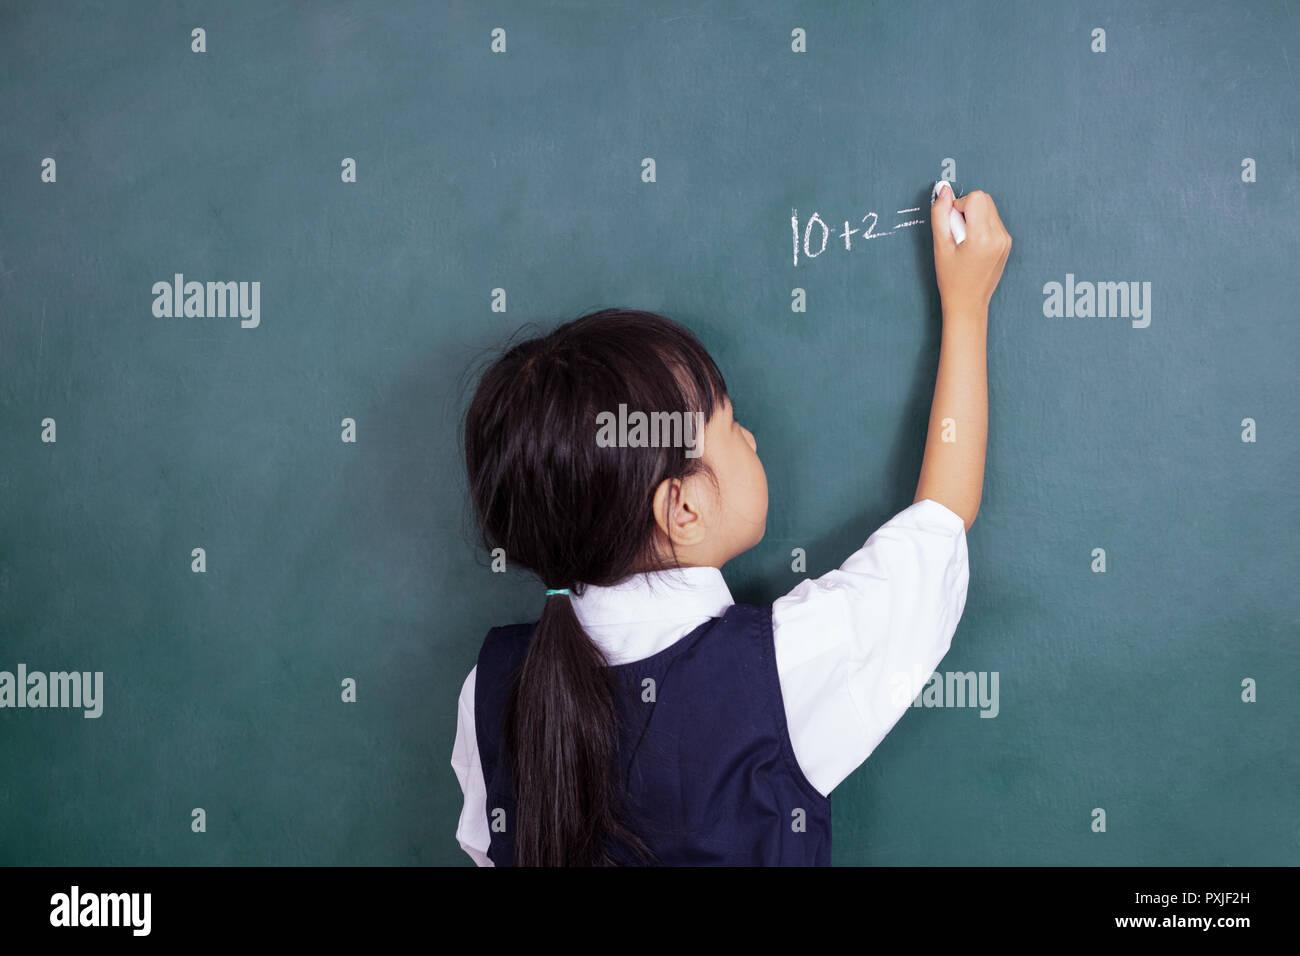 Chinois asiatique petite fille écrit sur tableau noir dans la salle de classe Photo Stock